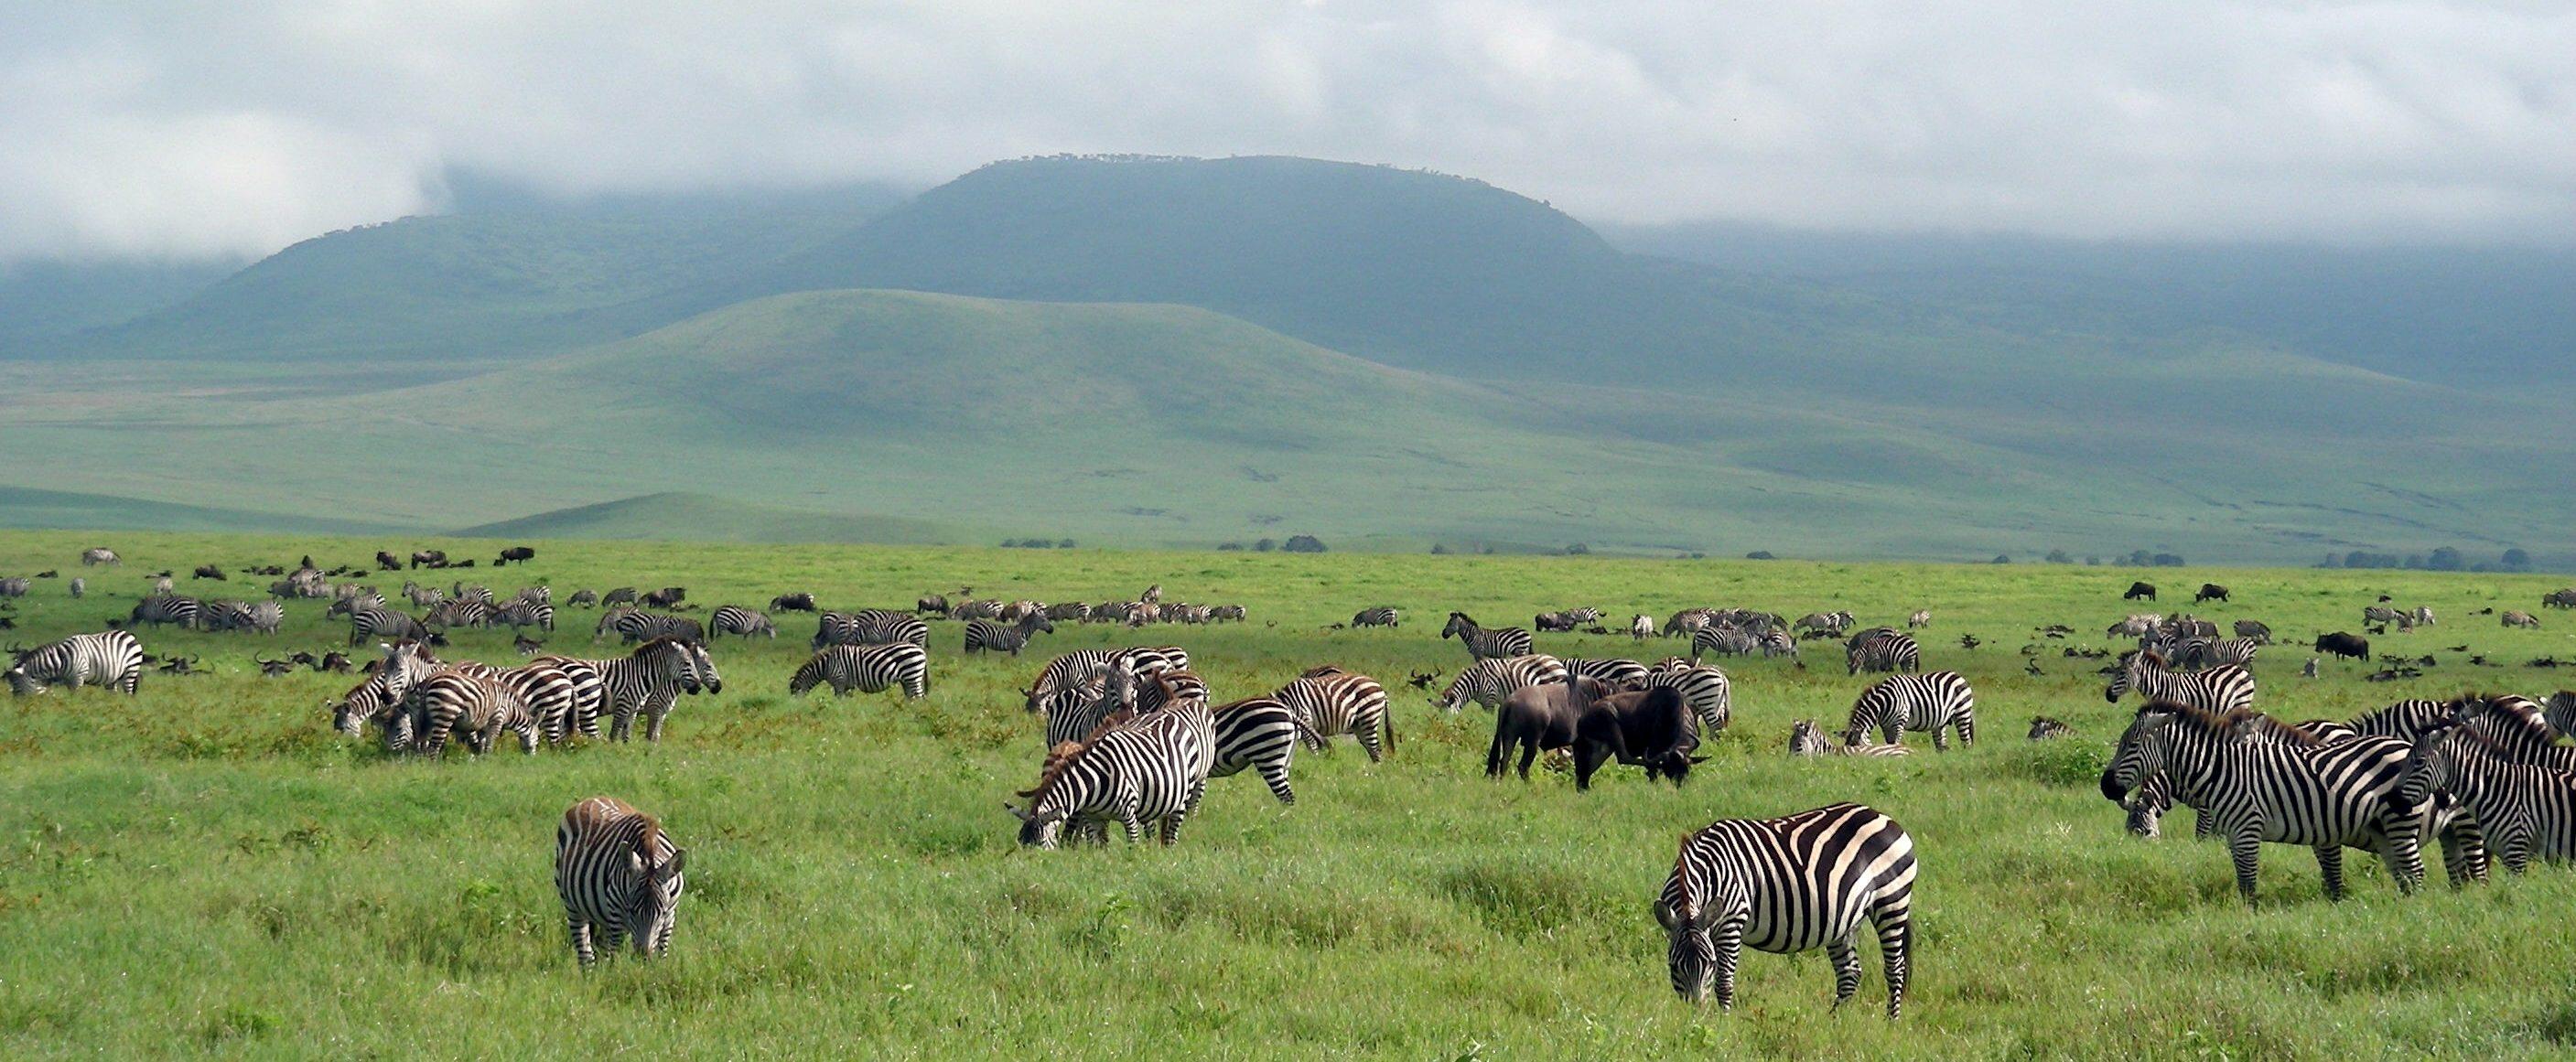 Zebraer er ikke et sjældent syn når man tager på safari i tanzania